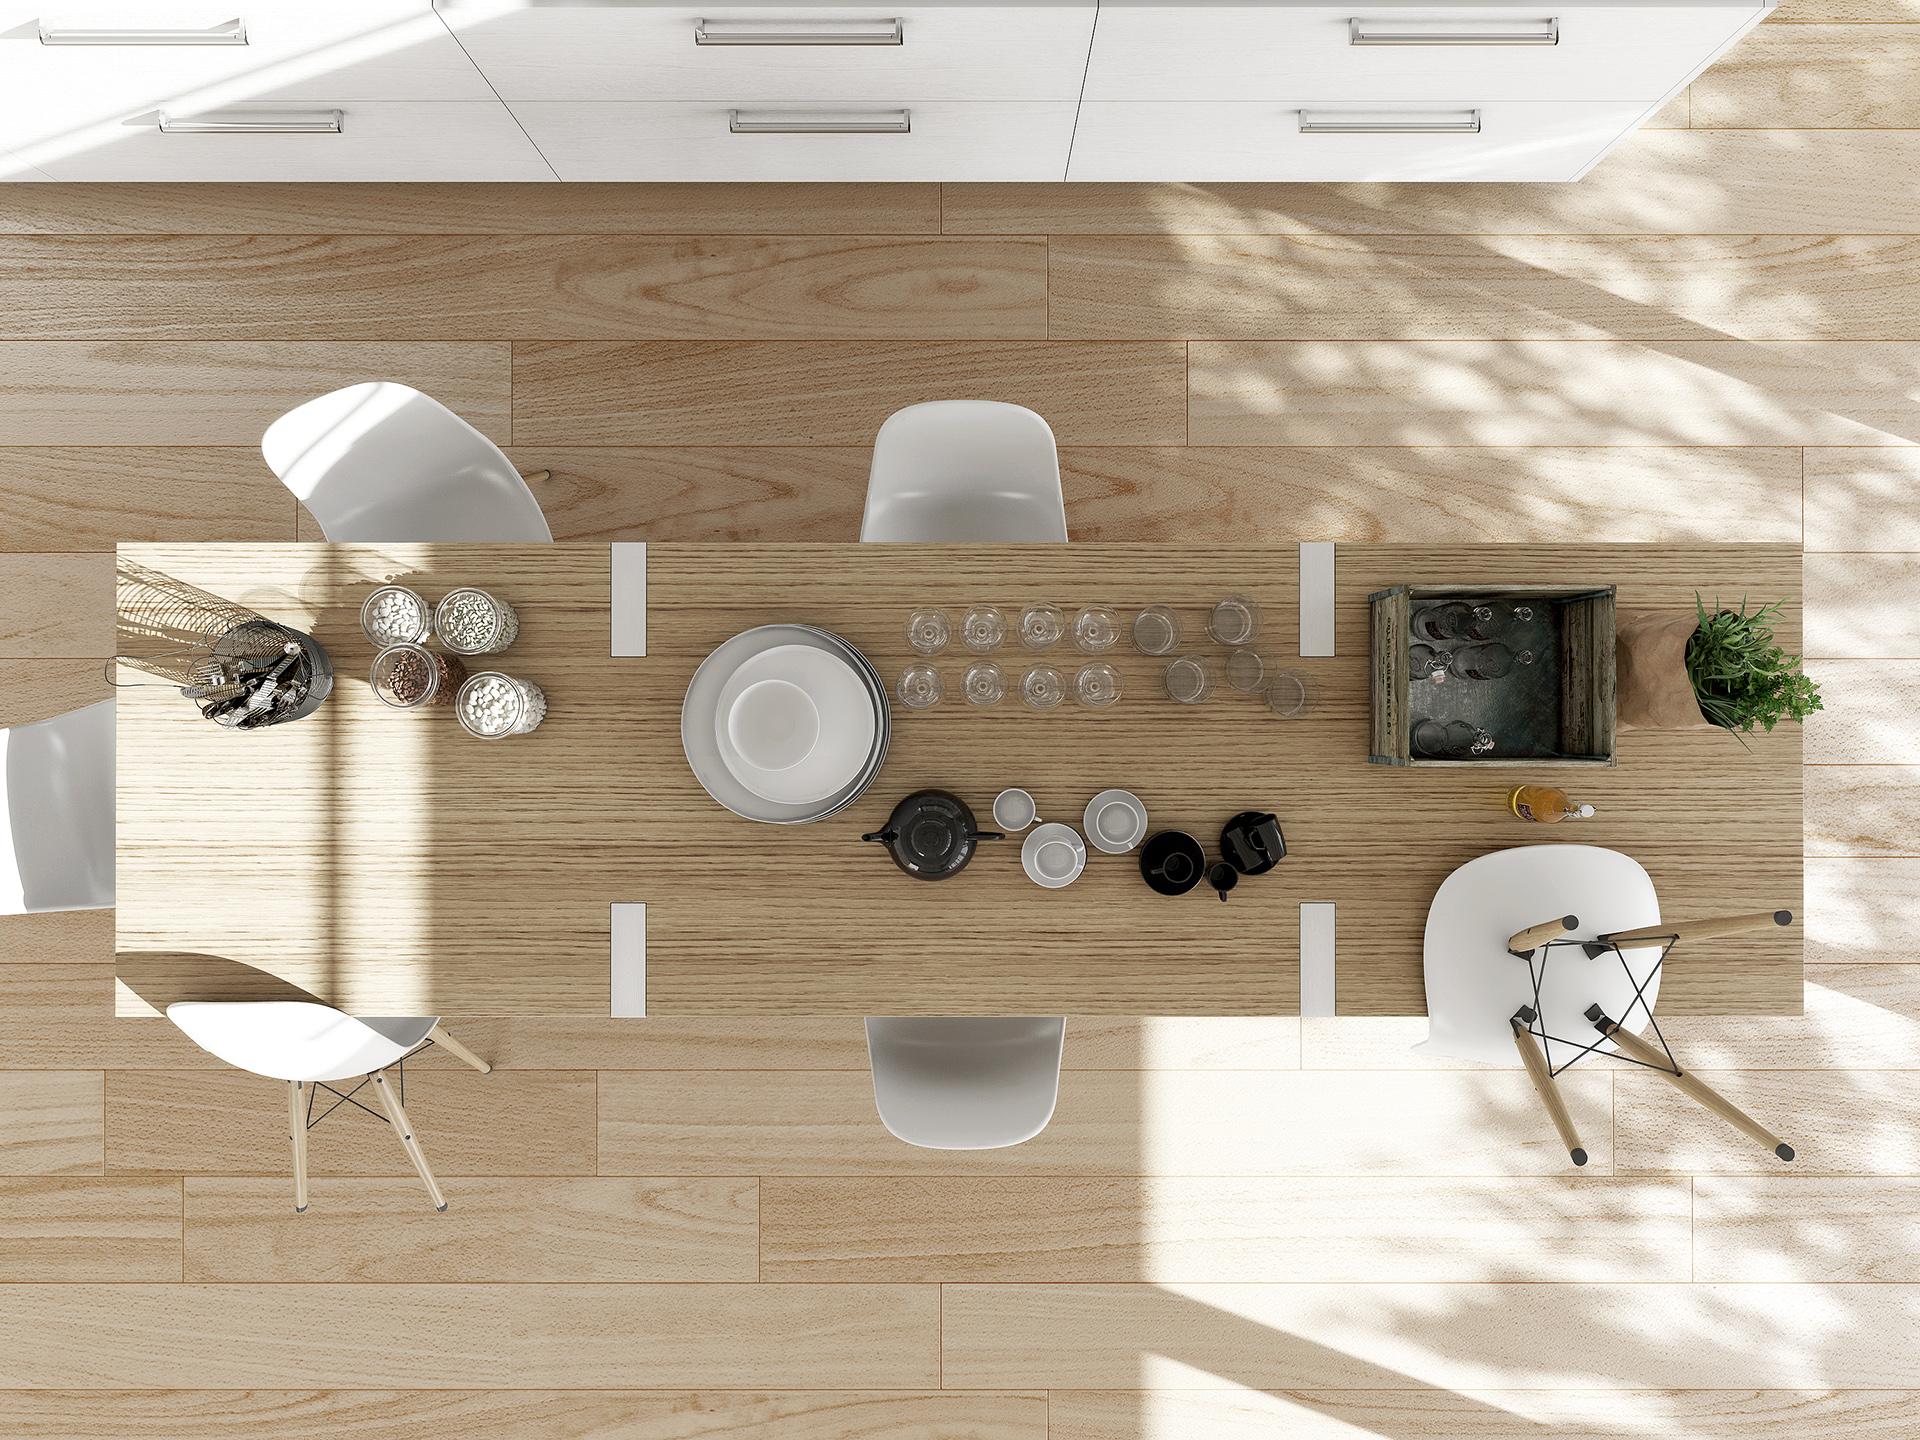 progetto 3d e render fotorealistico di un set soggiorno con i suoi complementi di arredo